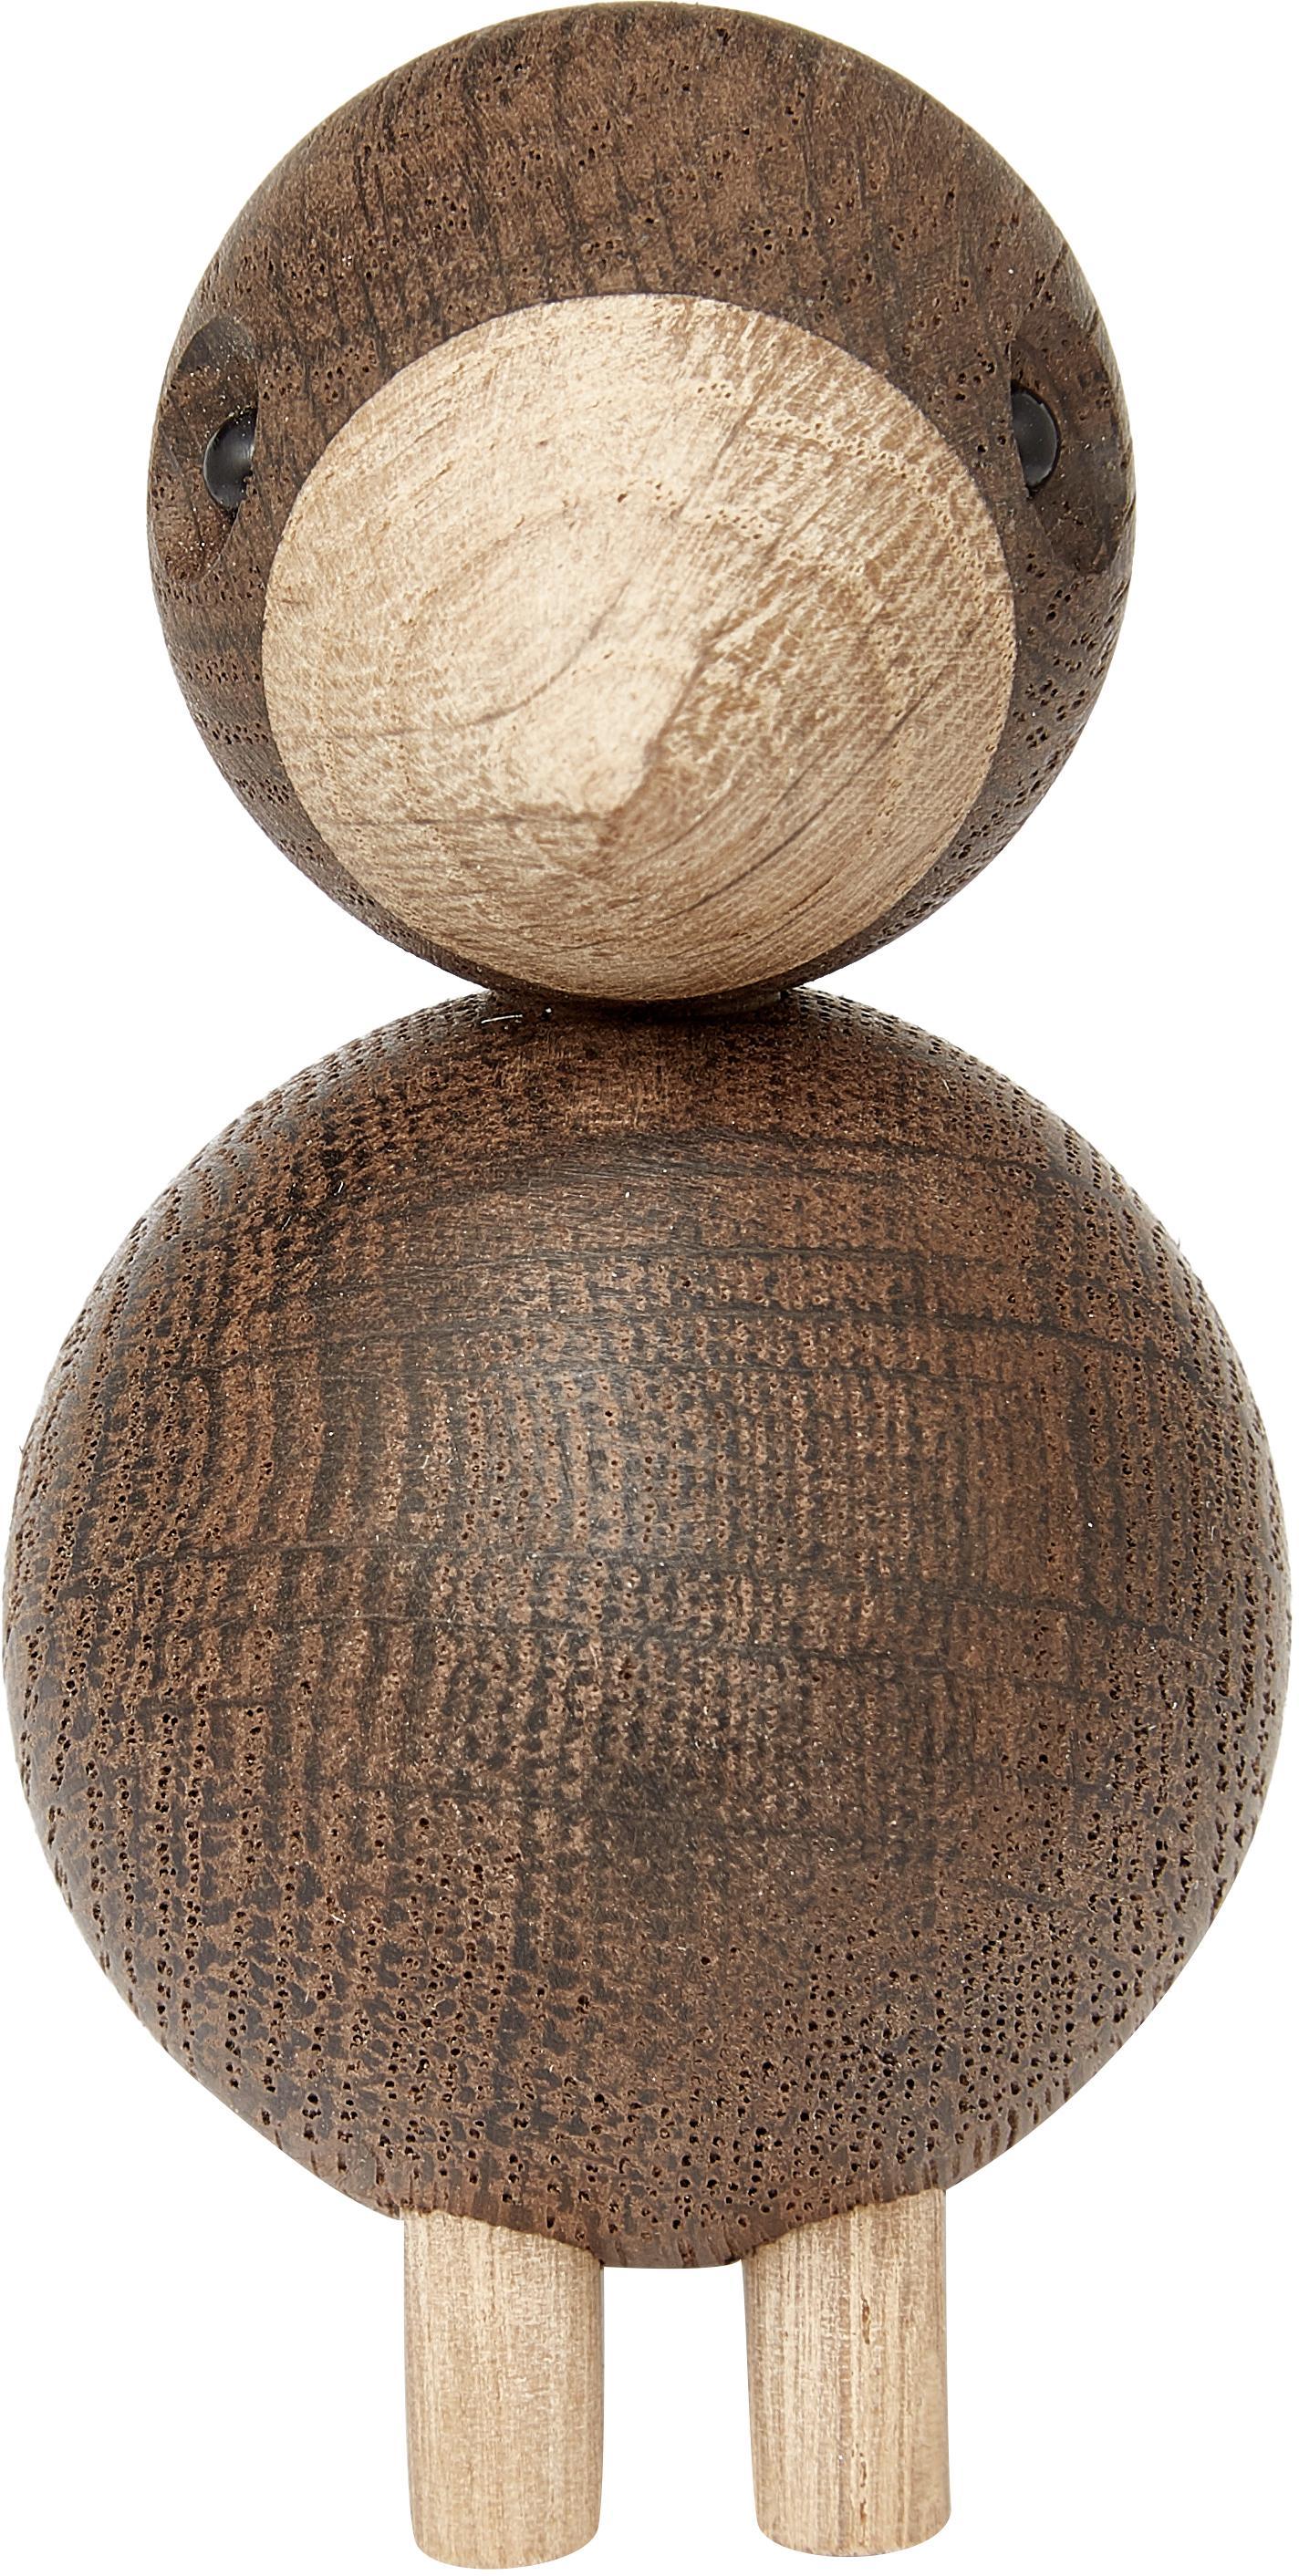 Set di 2 oggetti decorativi di design Lovebirds, Legno di quercia verniciato, Marrone chiaro, marrone scuro, Larg. 9 x Alt. 9 cm